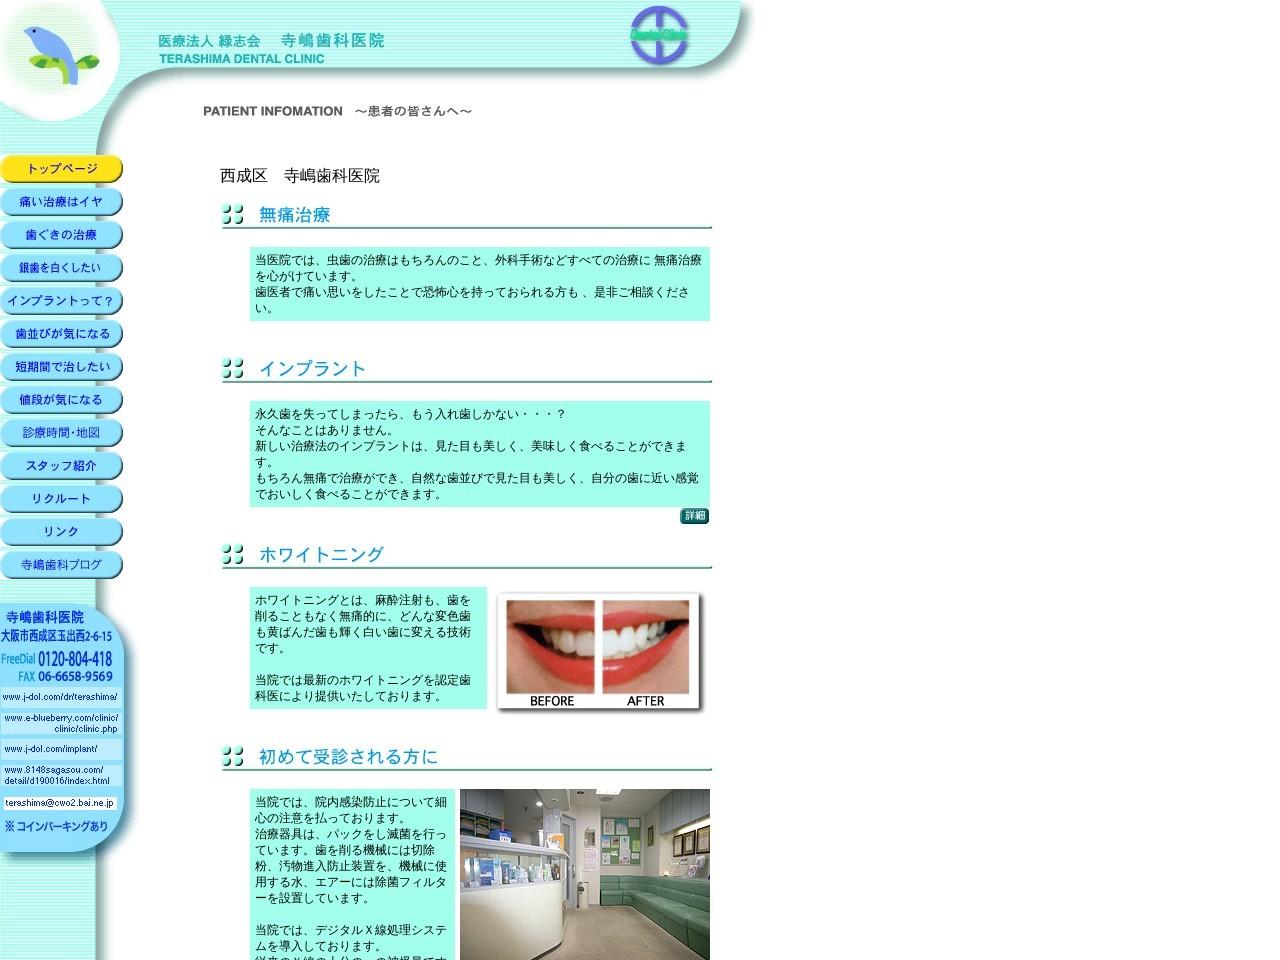 医療法人緑志会  寺嶋歯科医院 (大阪府大阪市西成区)